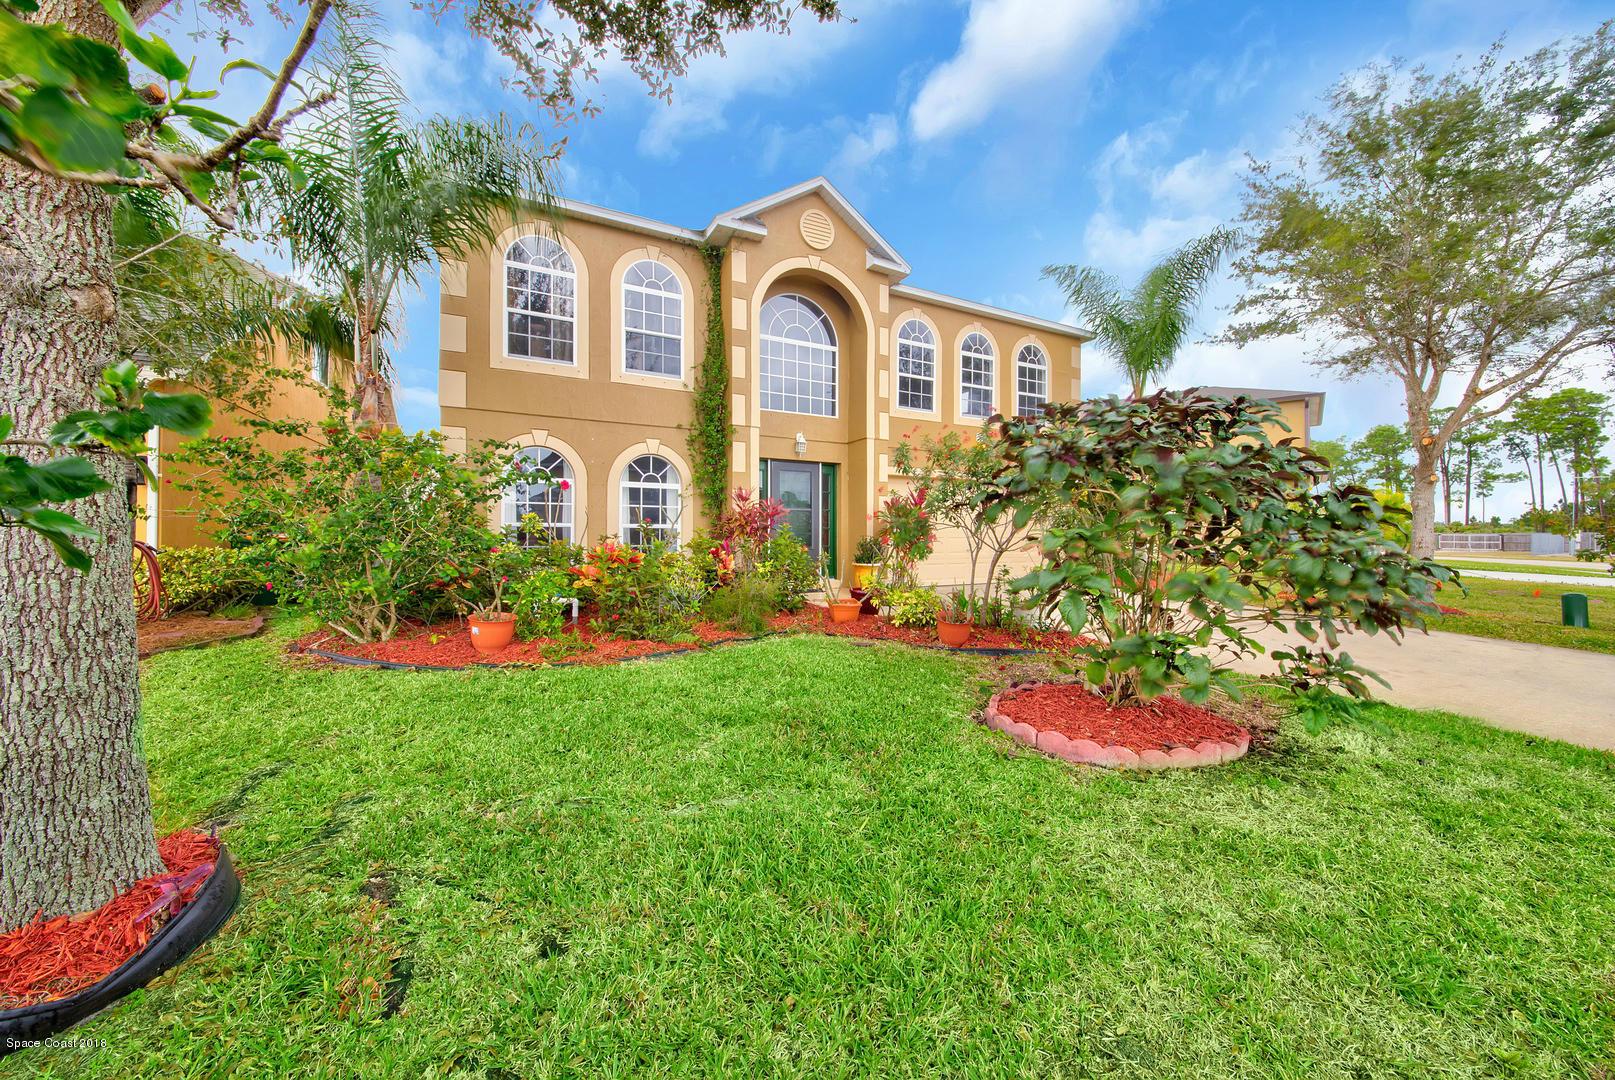 獨棟家庭住宅 為 出售 在 3635 Burdock 3635 Burdock West Melbourne, 佛羅里達州 32904 美國